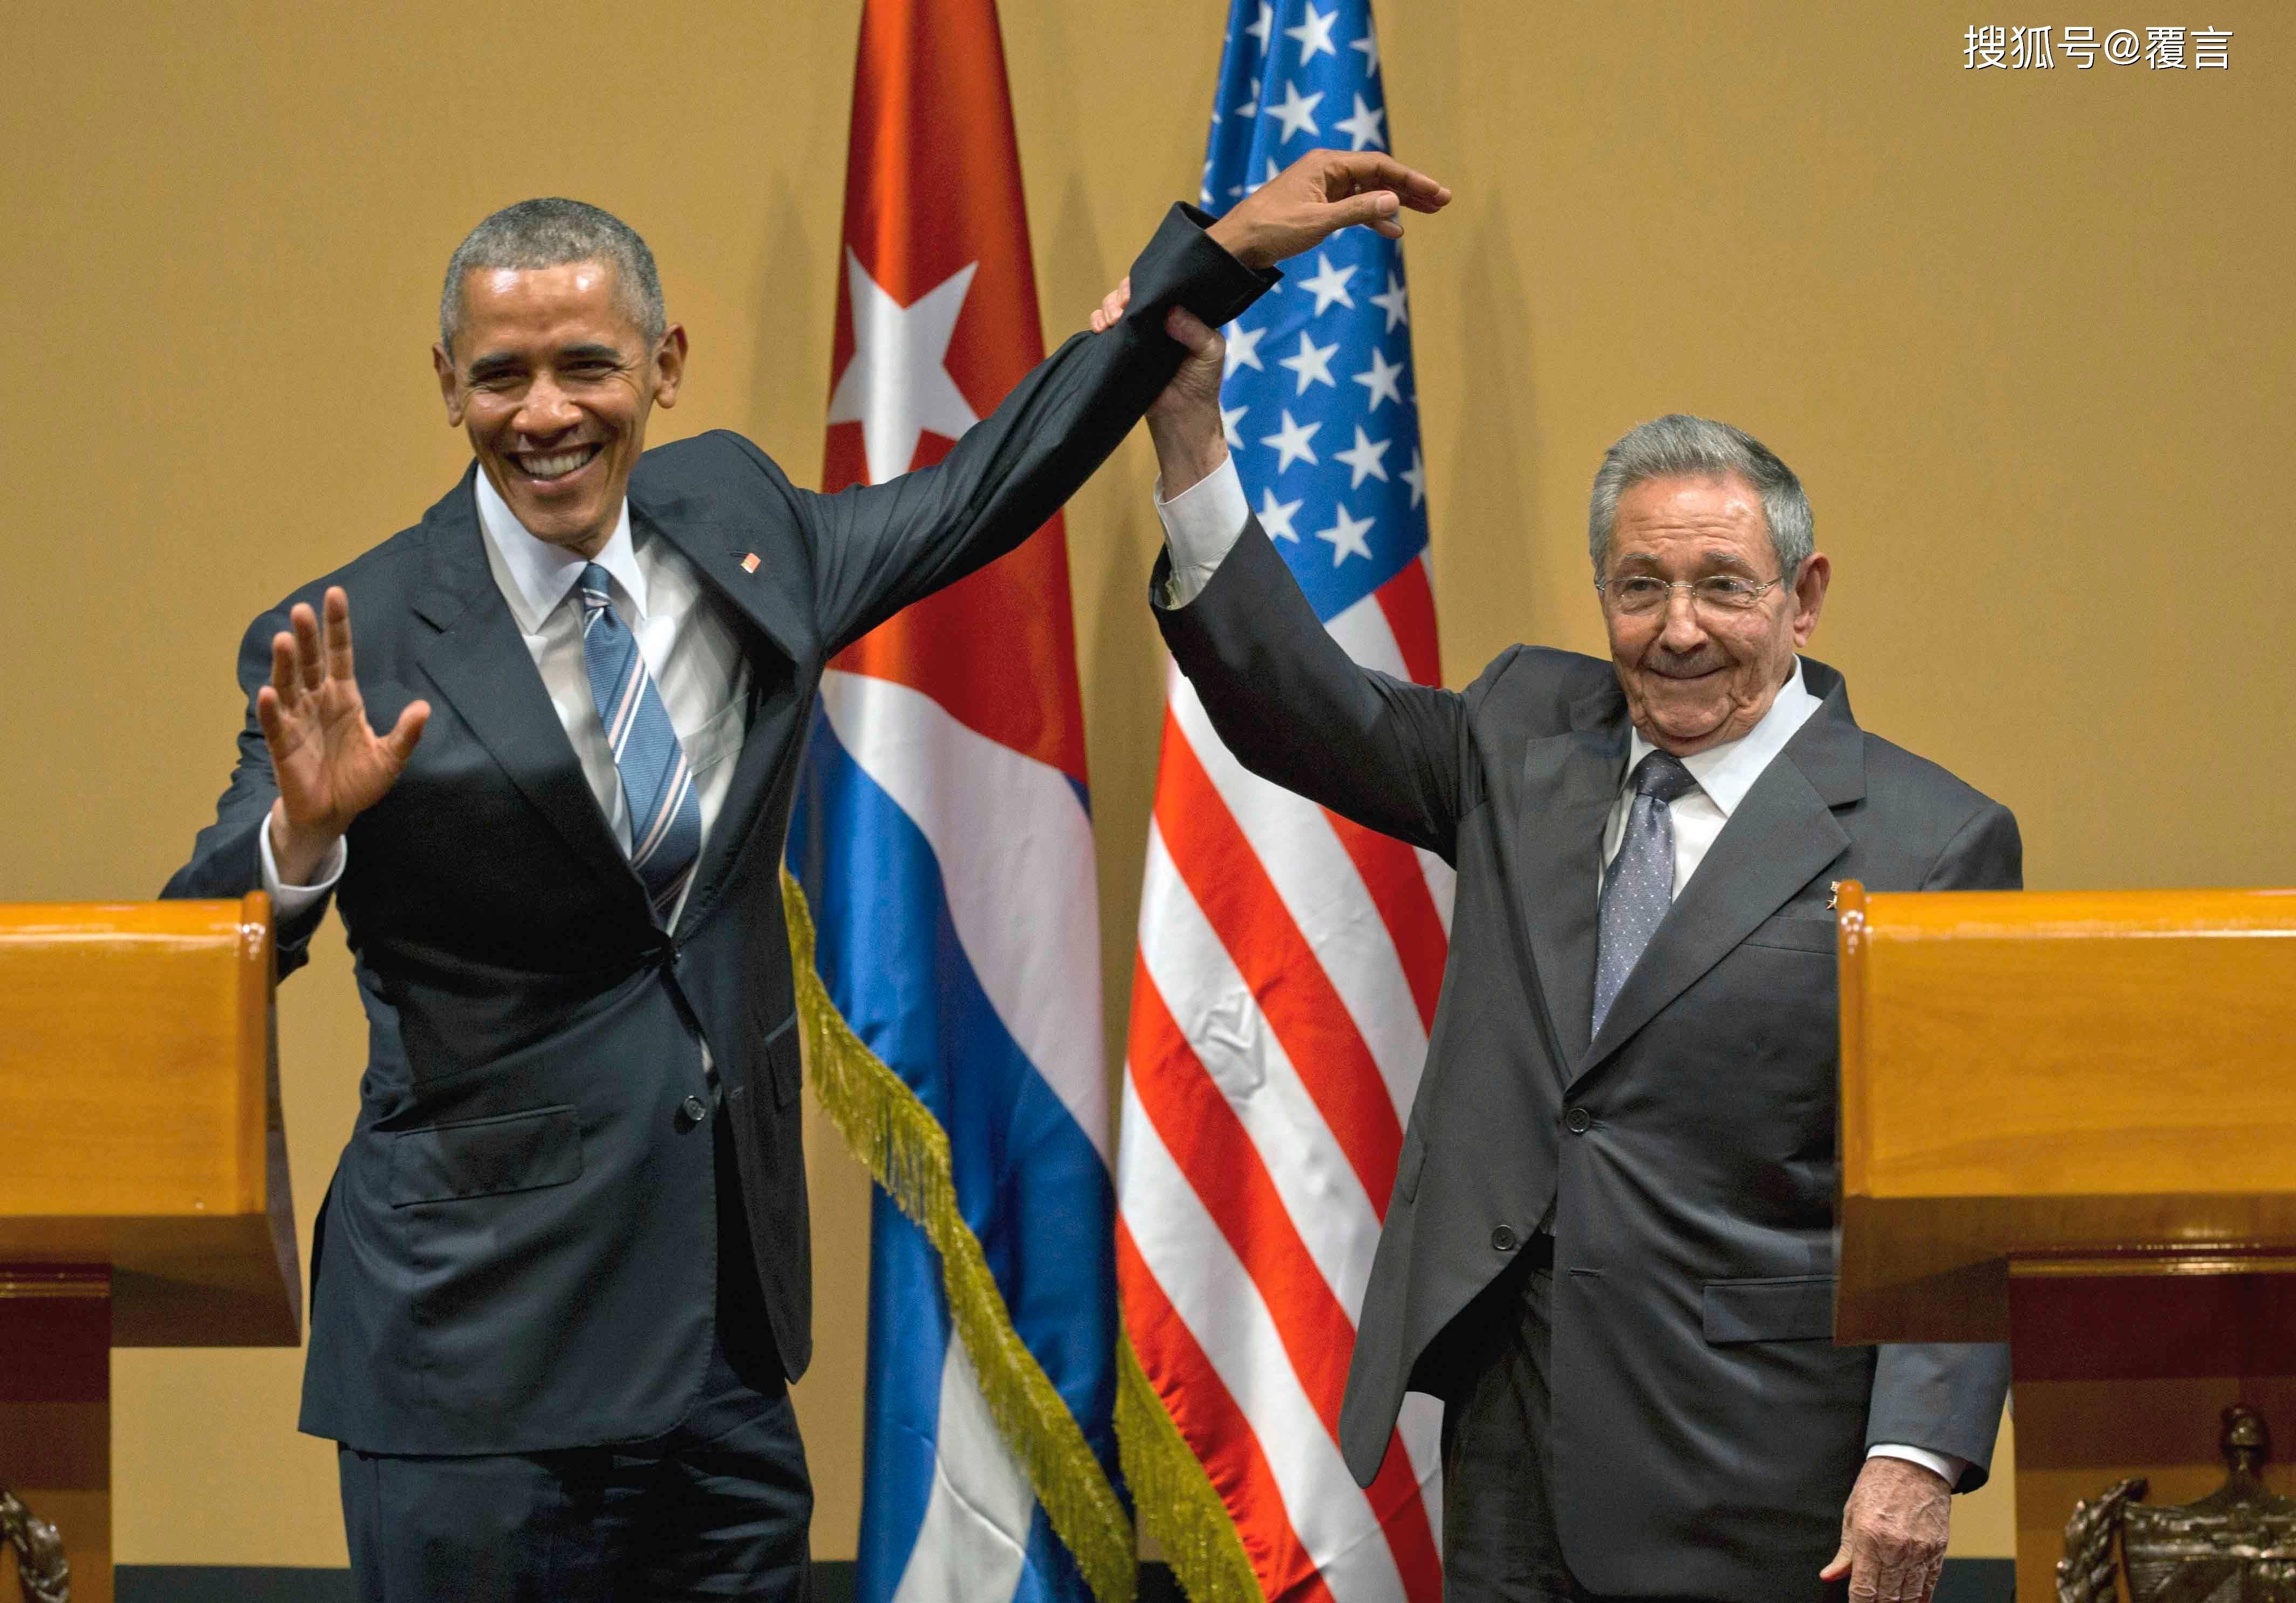 古巴对华人的态度 中国拒绝5个国家建交